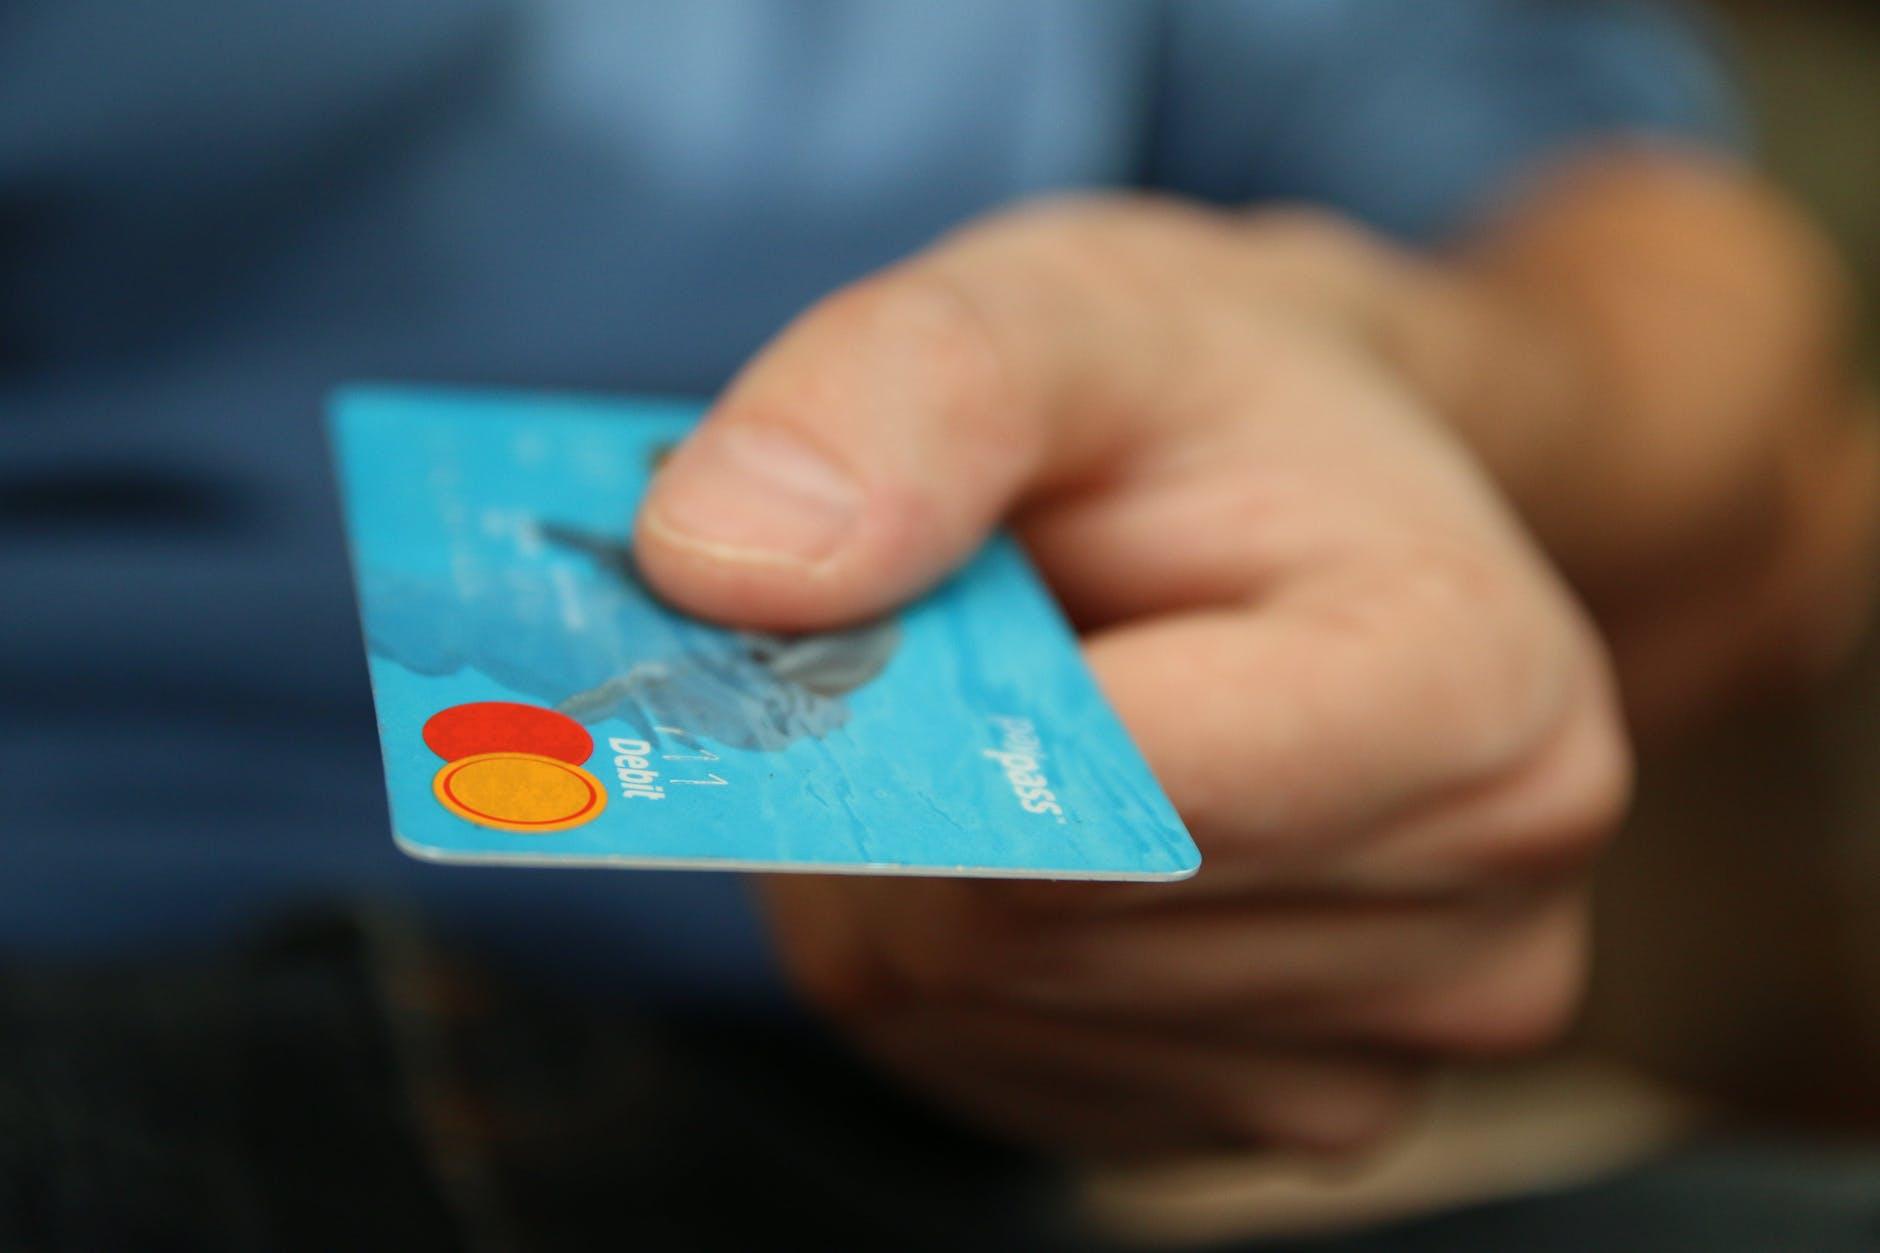 Fraudes han incrementado un 25%: 6 consejos básicos para evitarlos